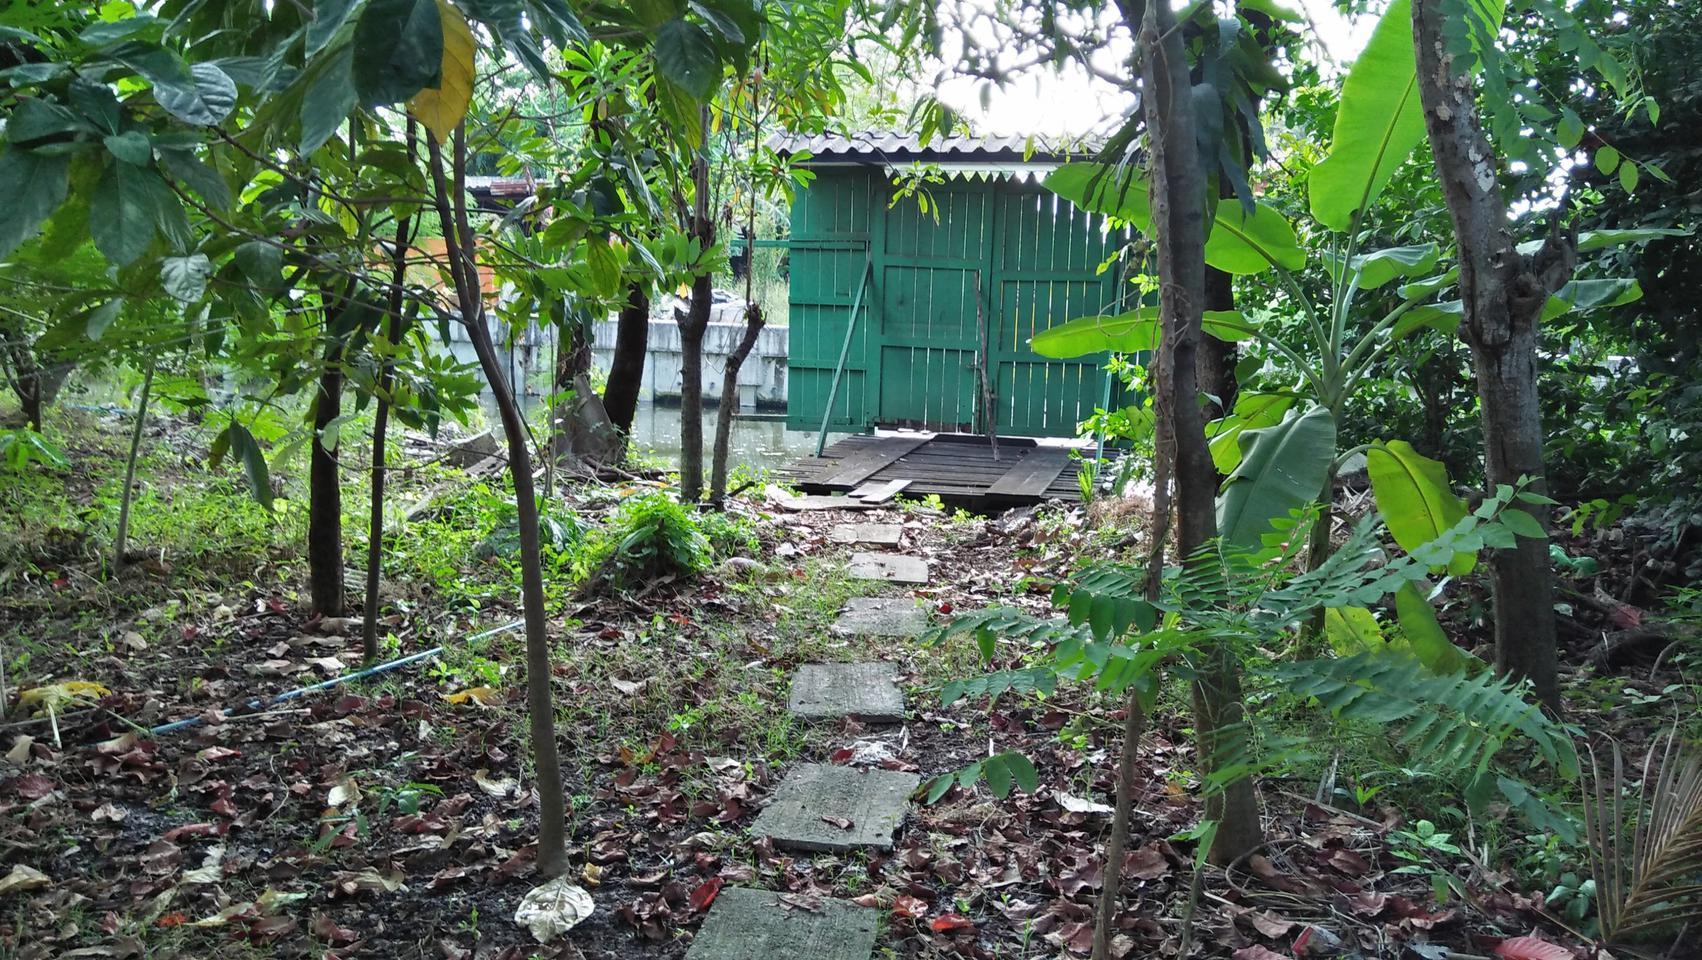 ที่ดินพร้อมบ้านเล็กๆสวนไร่กว่าเหมาะทำบ้านสวนใกล้คลอง ถนน ไร่ รูปที่ 3